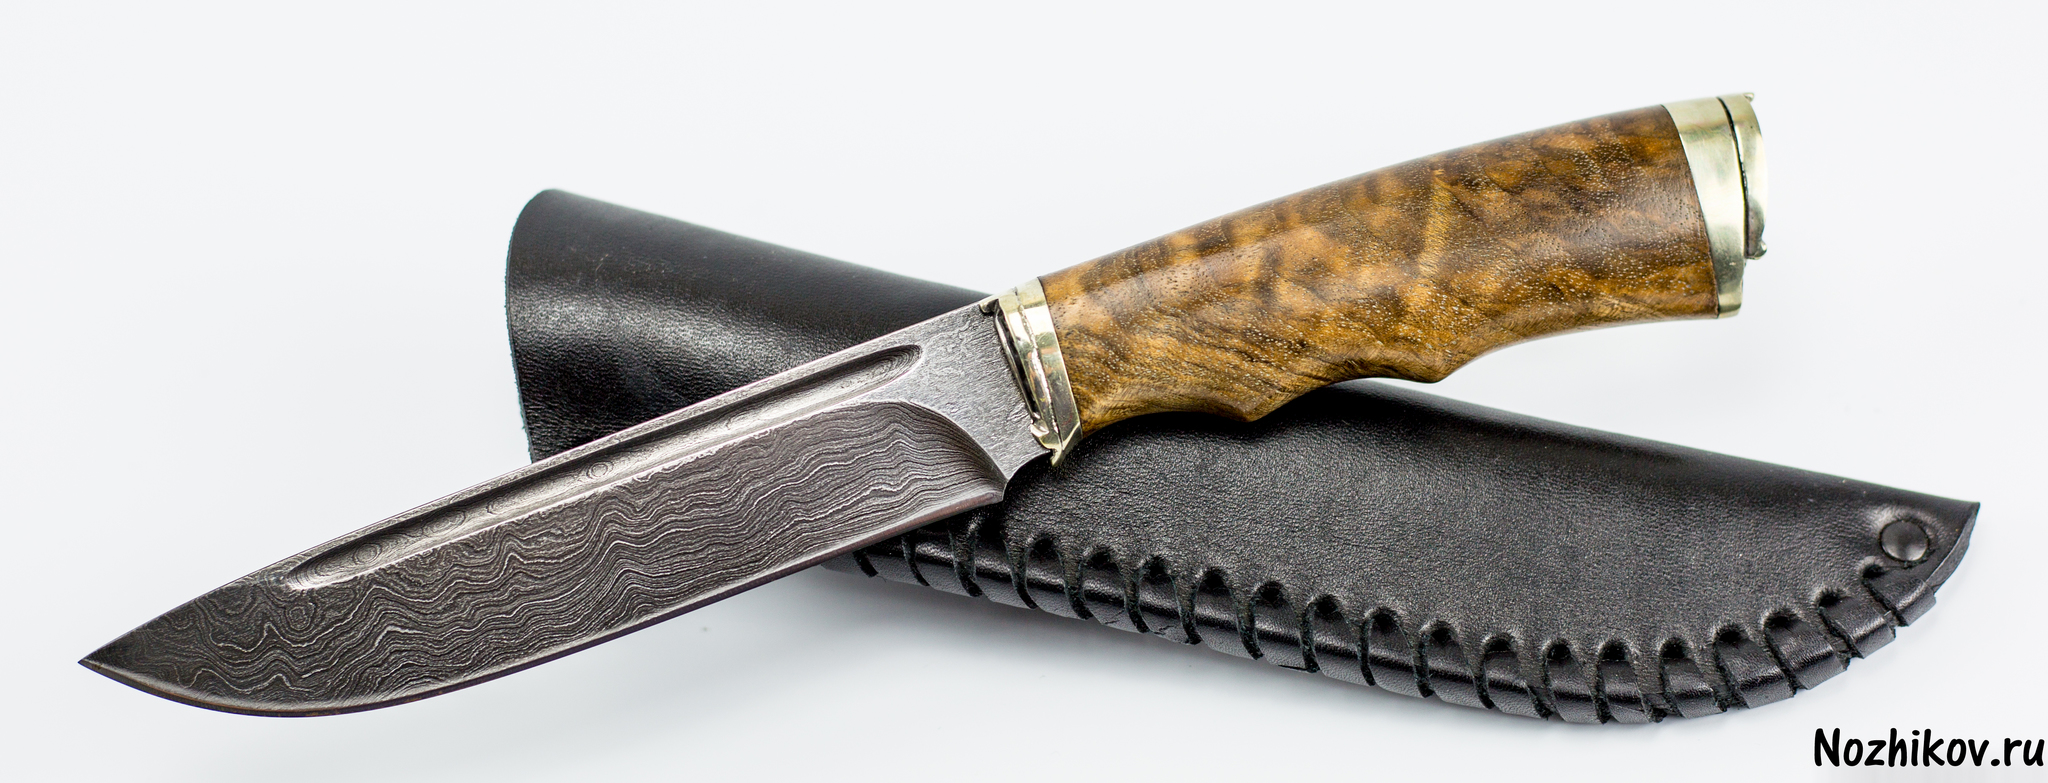 Фото 5 - Авторский Нож из Дамаска №32, Кизляр от Noname